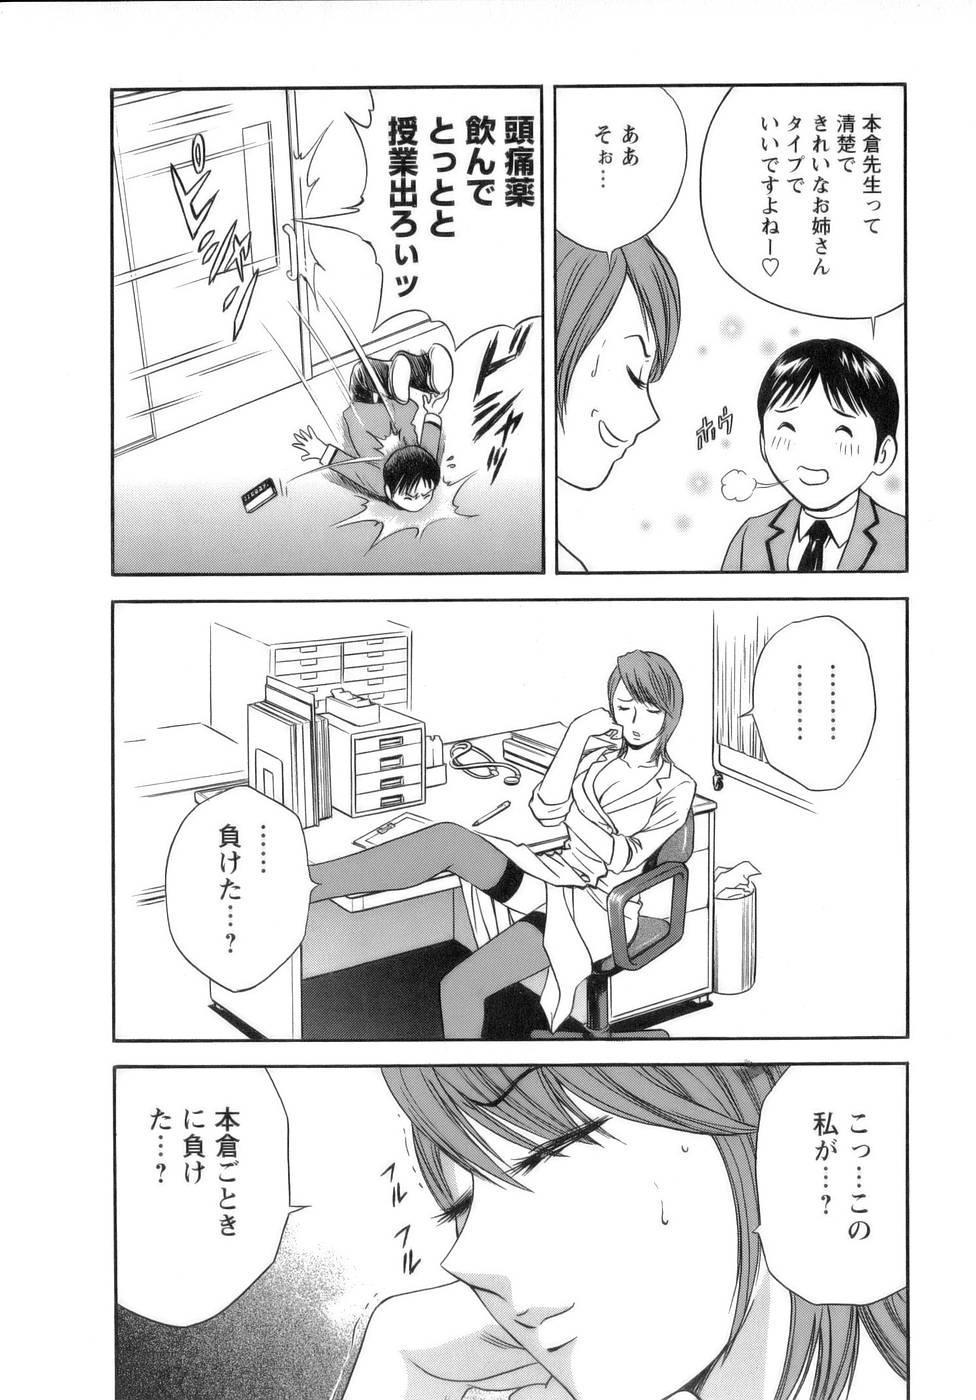 [Hidemaru] Mo-Retsu! Boin Sensei (Boing Boing Teacher) Vol.1 55